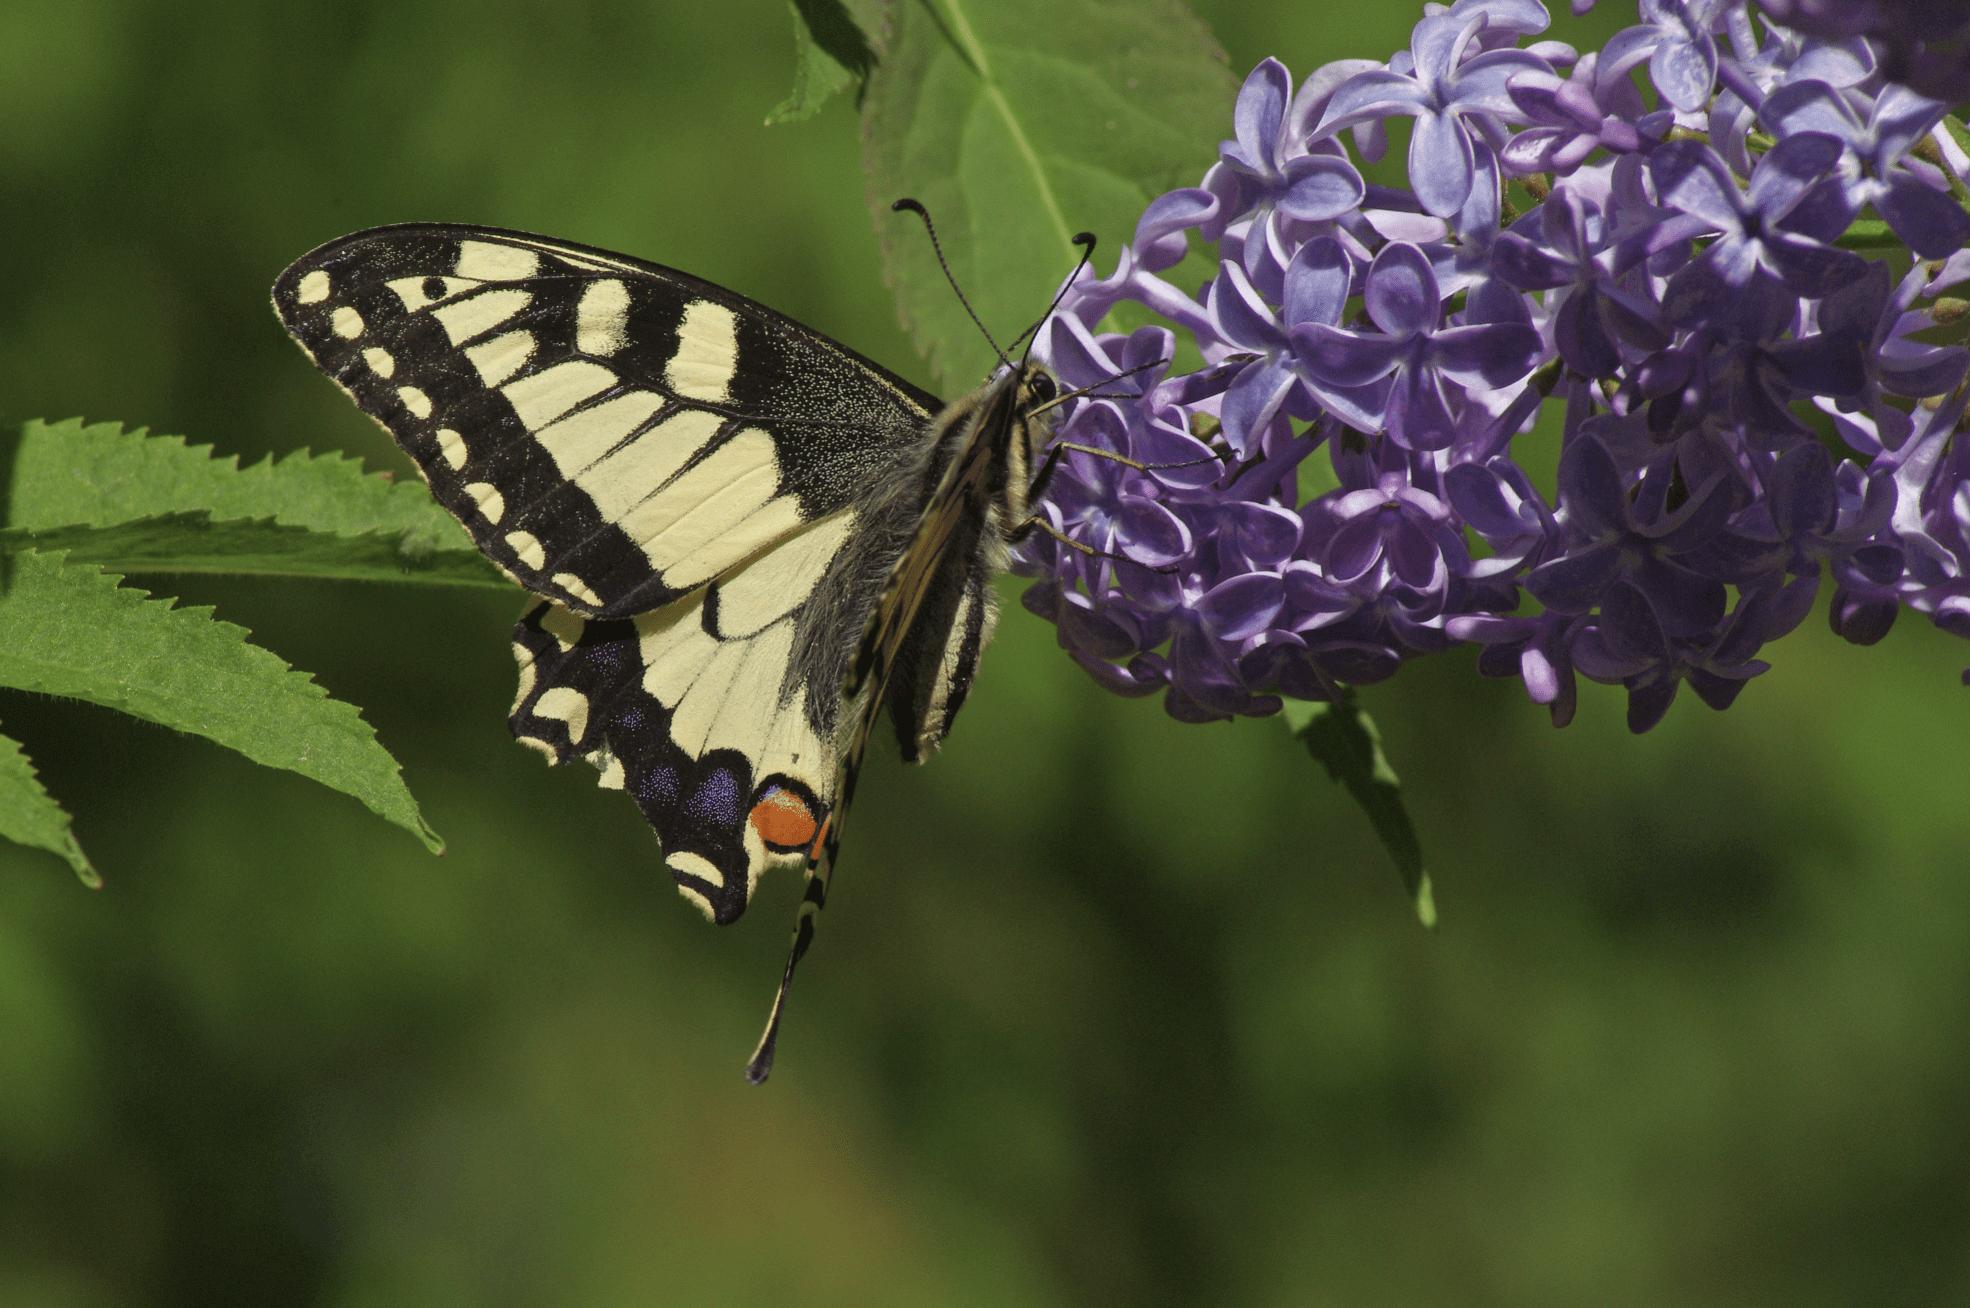 """Kannuksissa olevat """"silmätäplät"""" houkuttelevat lintuja nappaamaan korkeuksissa liitelevään ritariperhoseen. Näin perhonen säilyy muuten elinkelpoisena."""